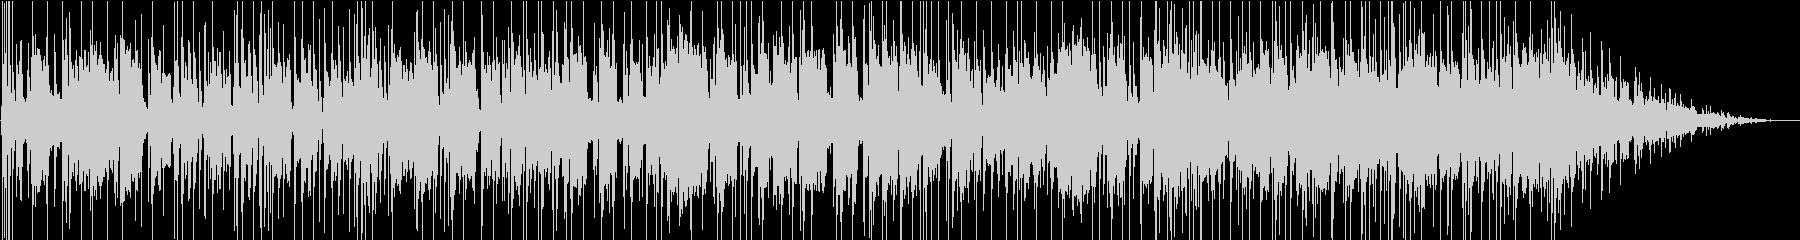 豪華ホーンセクションのアメリカンポップスの未再生の波形